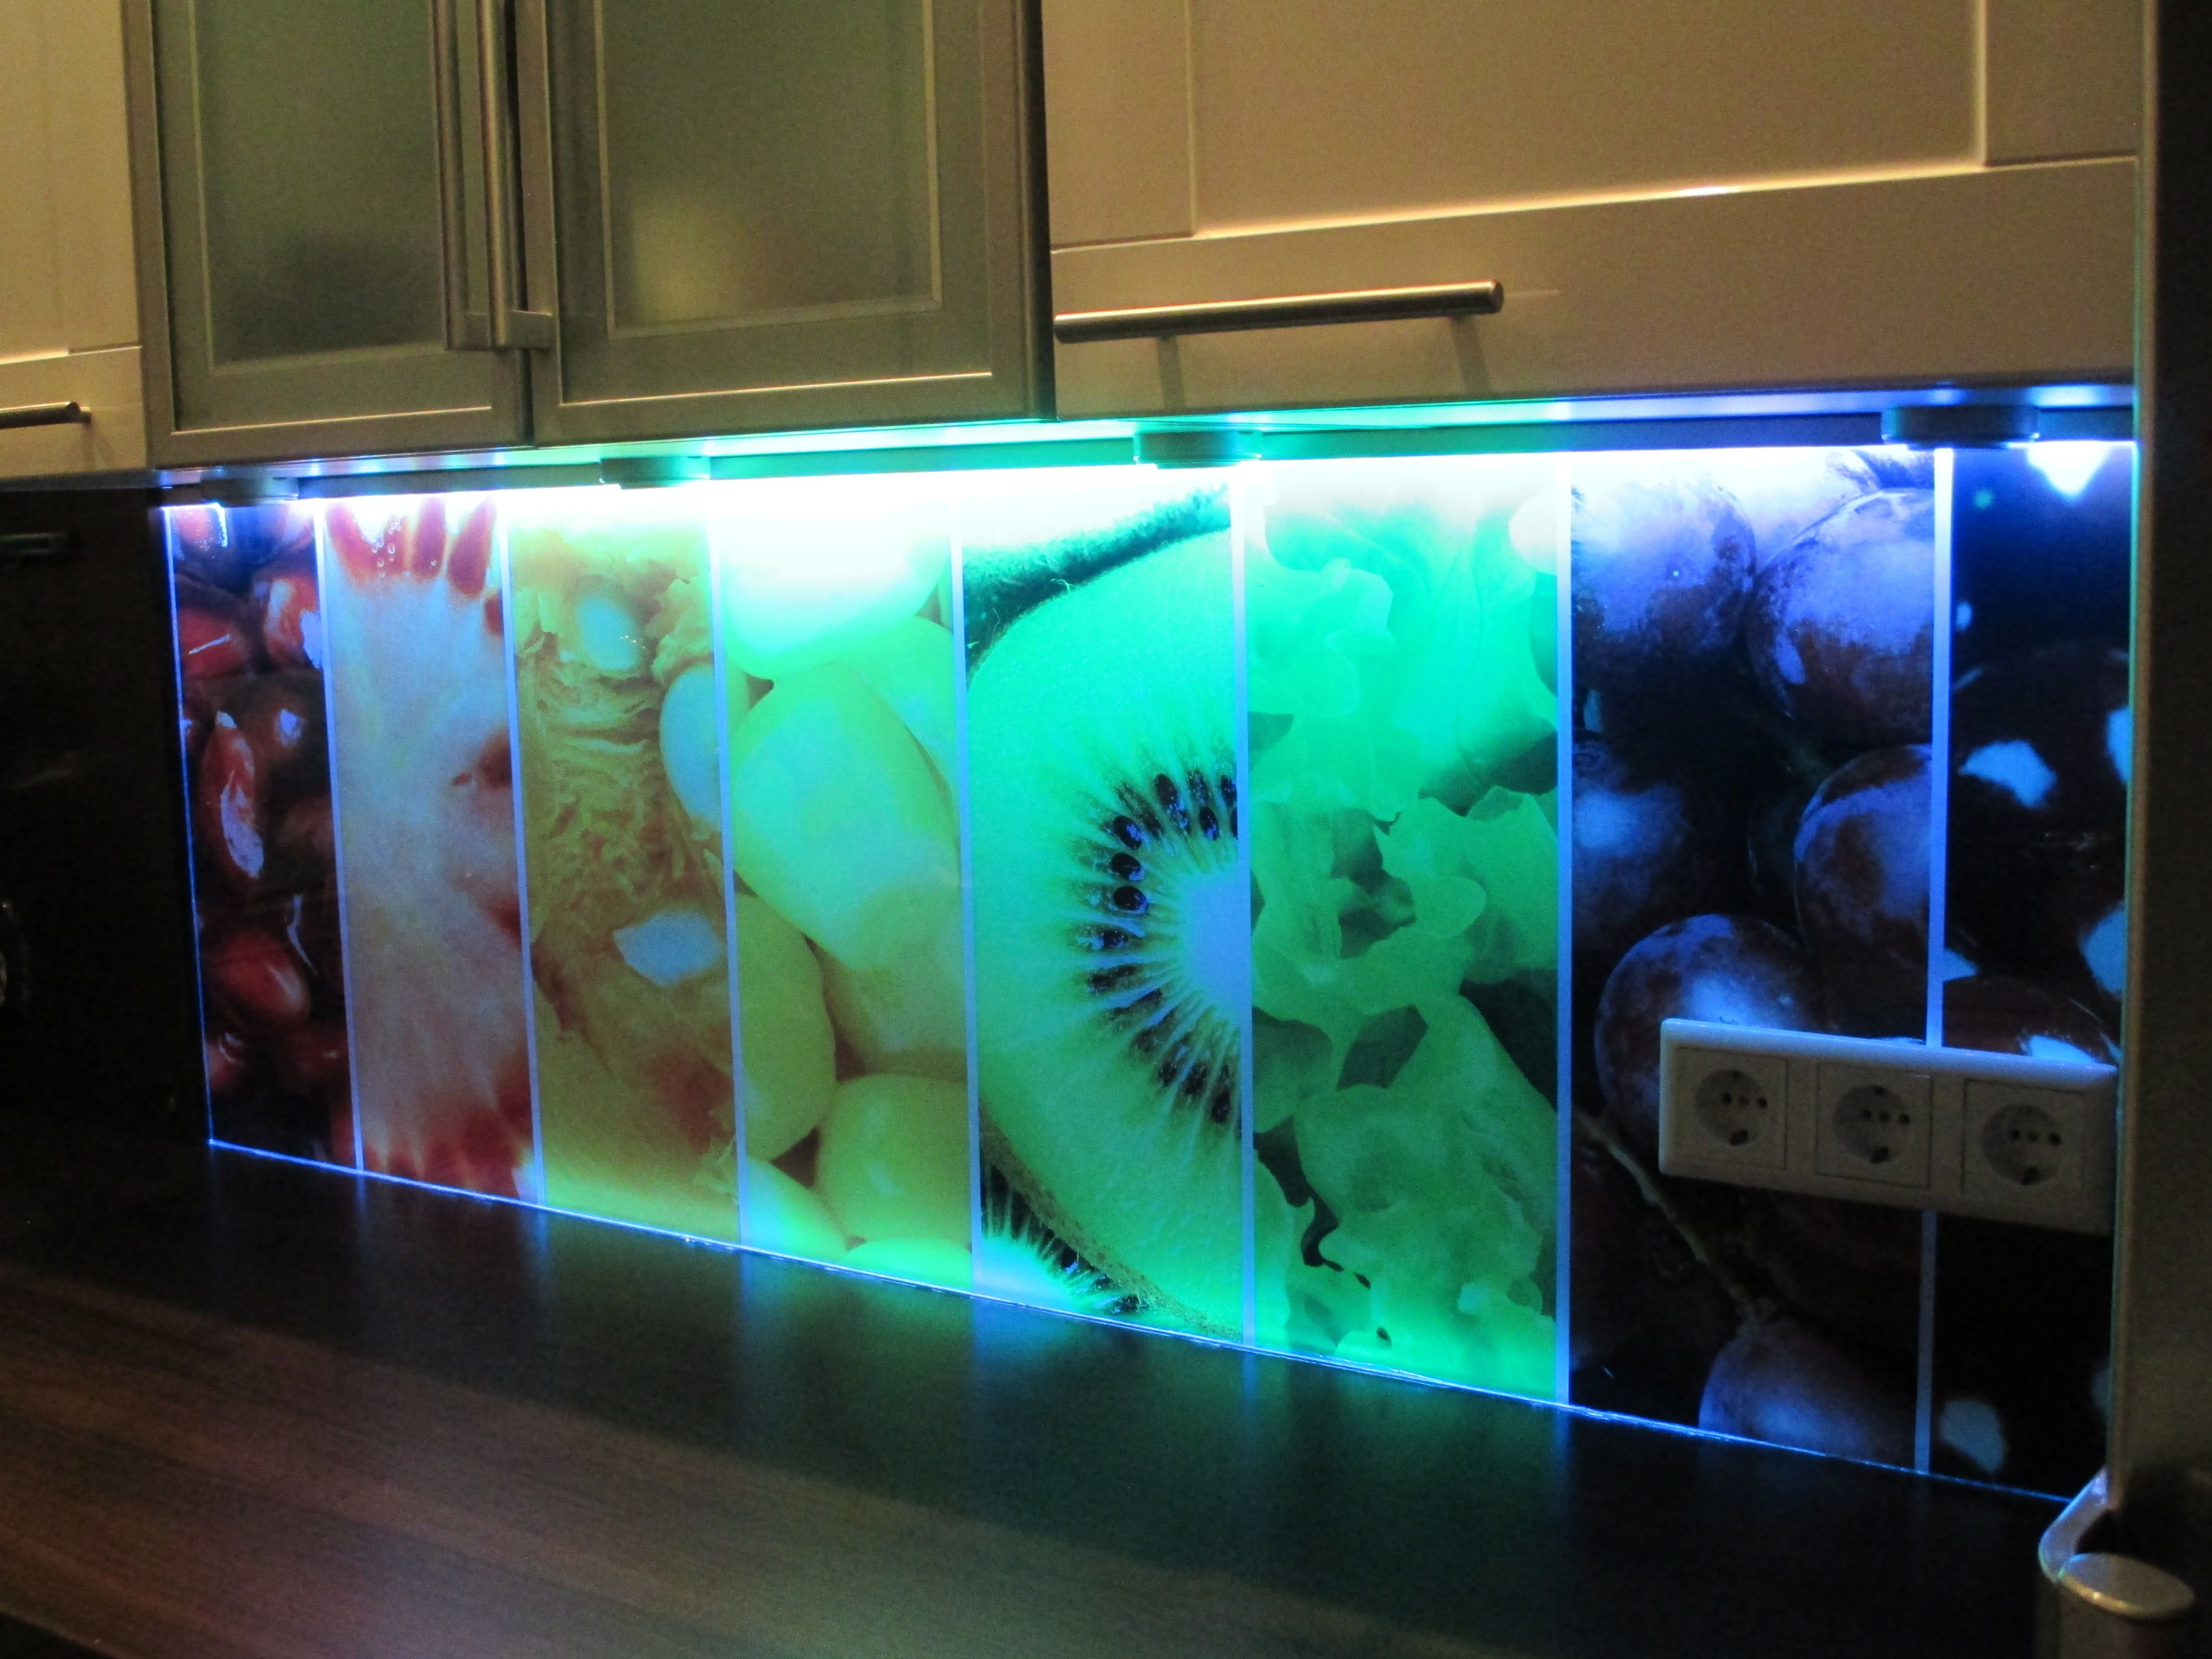 Coole Alternative Zur Wandfliese Bedruckte Ruckwande Aus Alu Verbund Acryl Oder Esg Glas Von Schon Wieder K Kuchen Ruckwand Ruckwand Kuchenruckwand Ideen